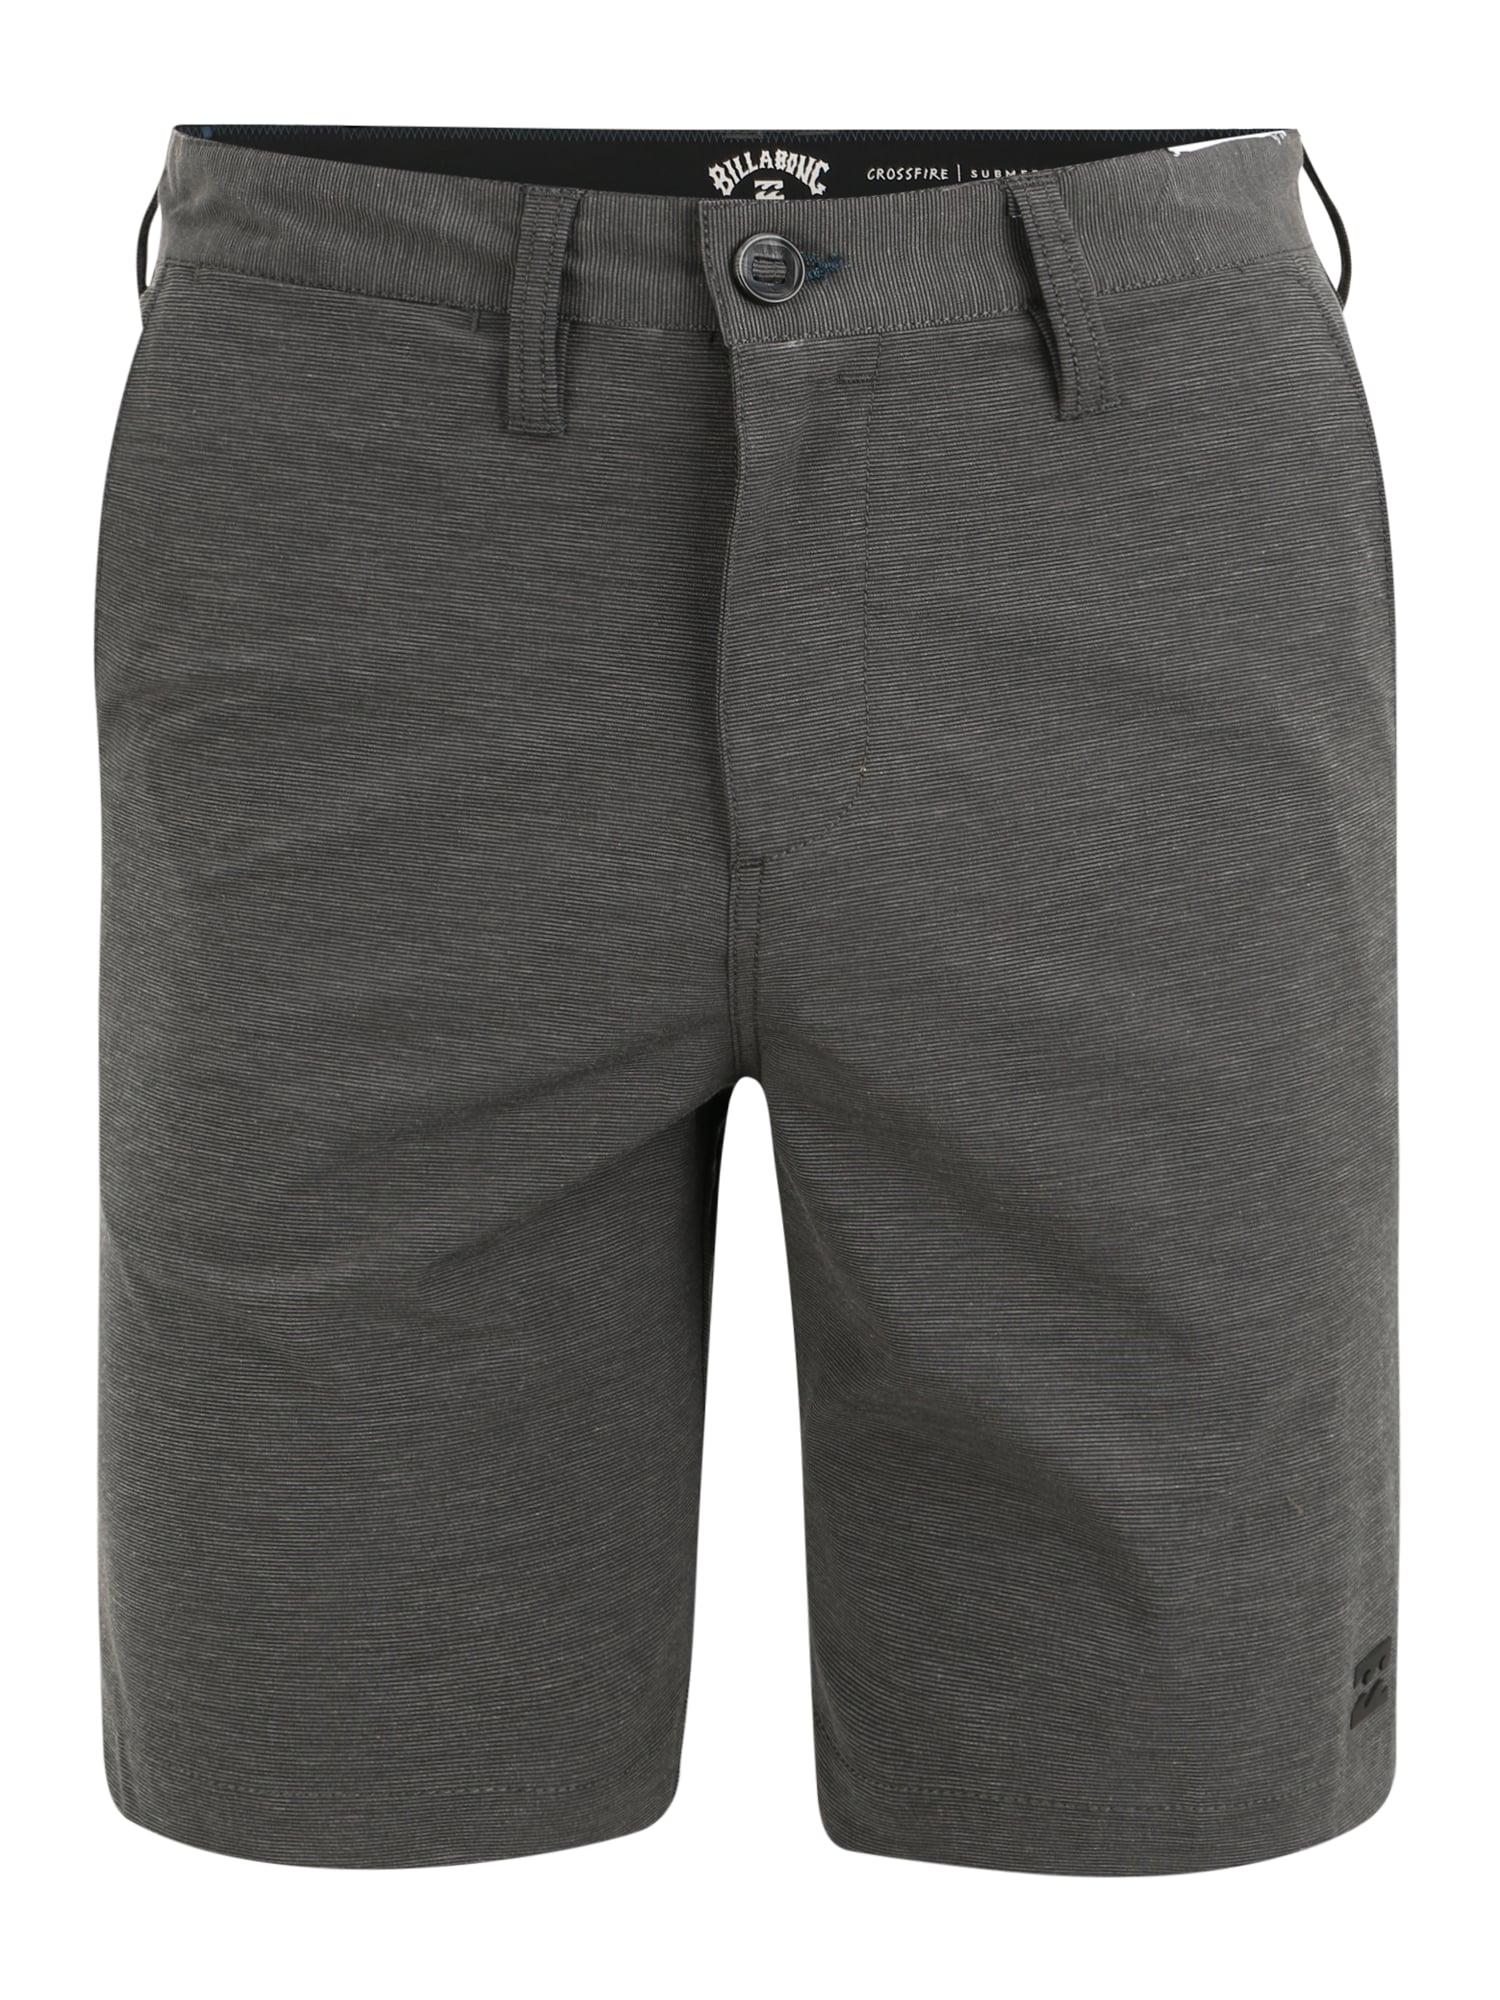 BILLABONG Sportinės kelnės 'Crossfire' tamsiai pilka